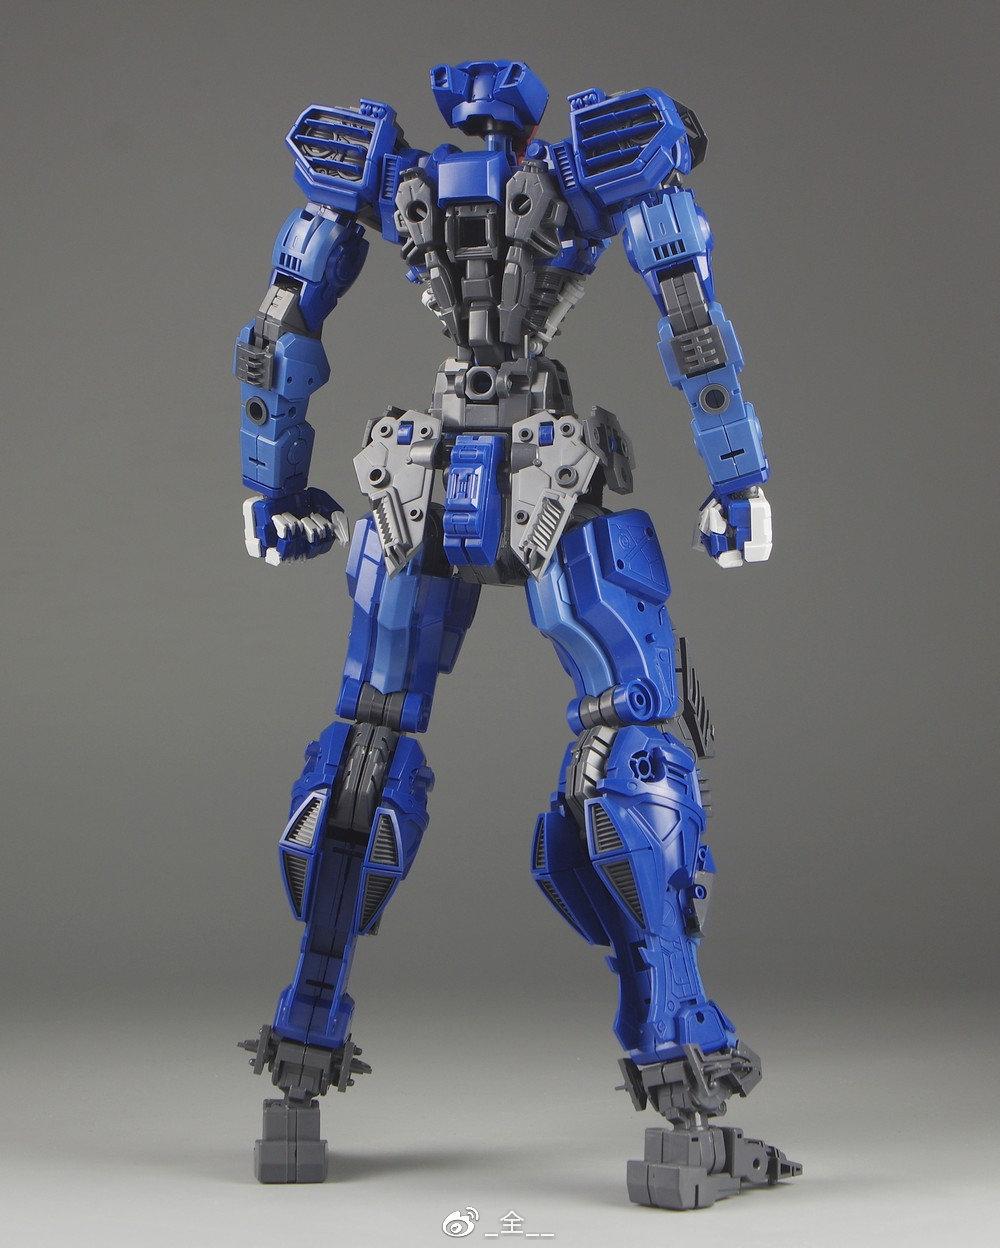 S306_blueframe_astray_045.jpg